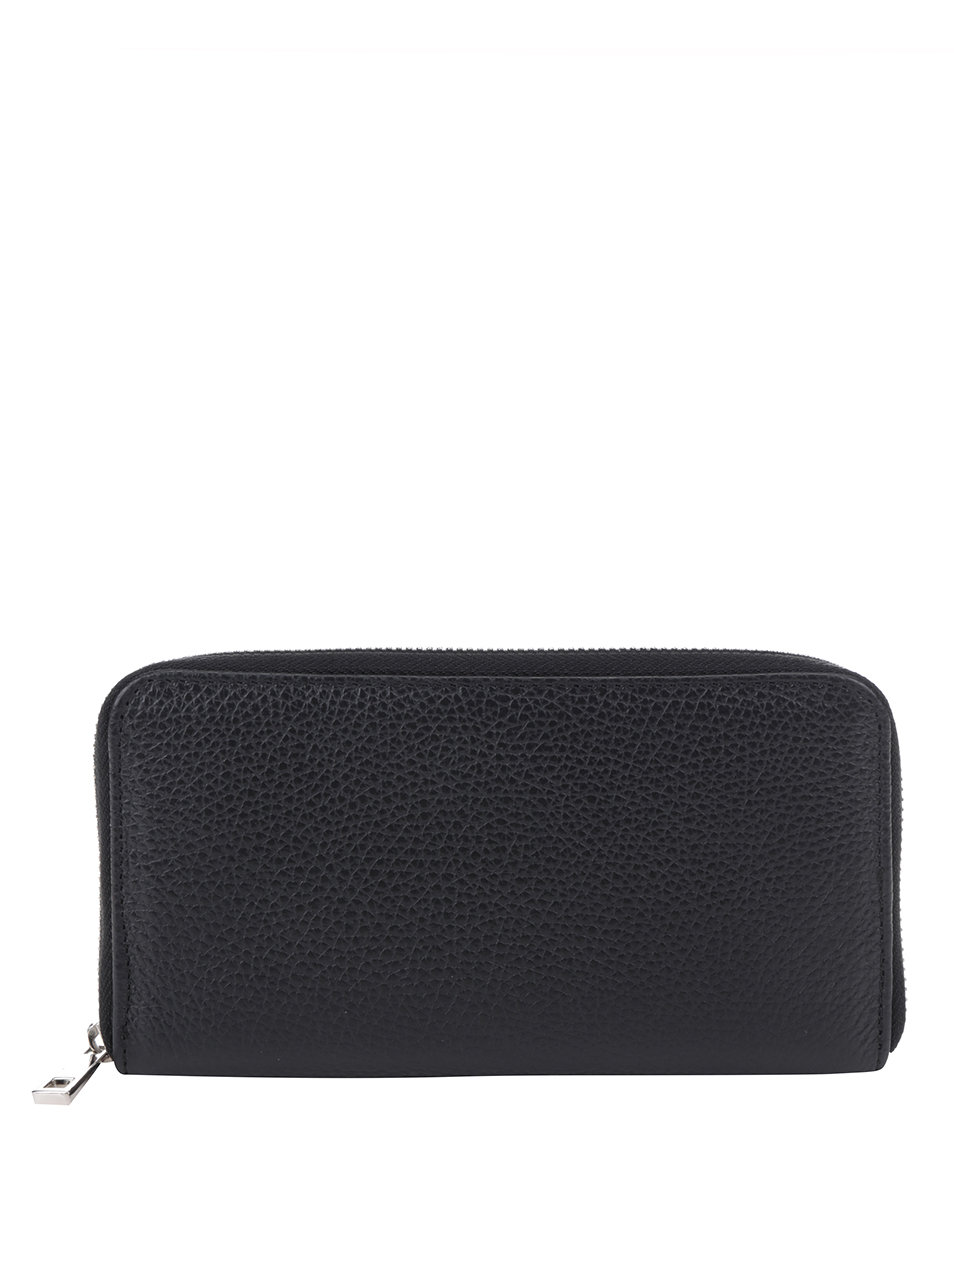 Černá kožená velká peněženka ZOOT